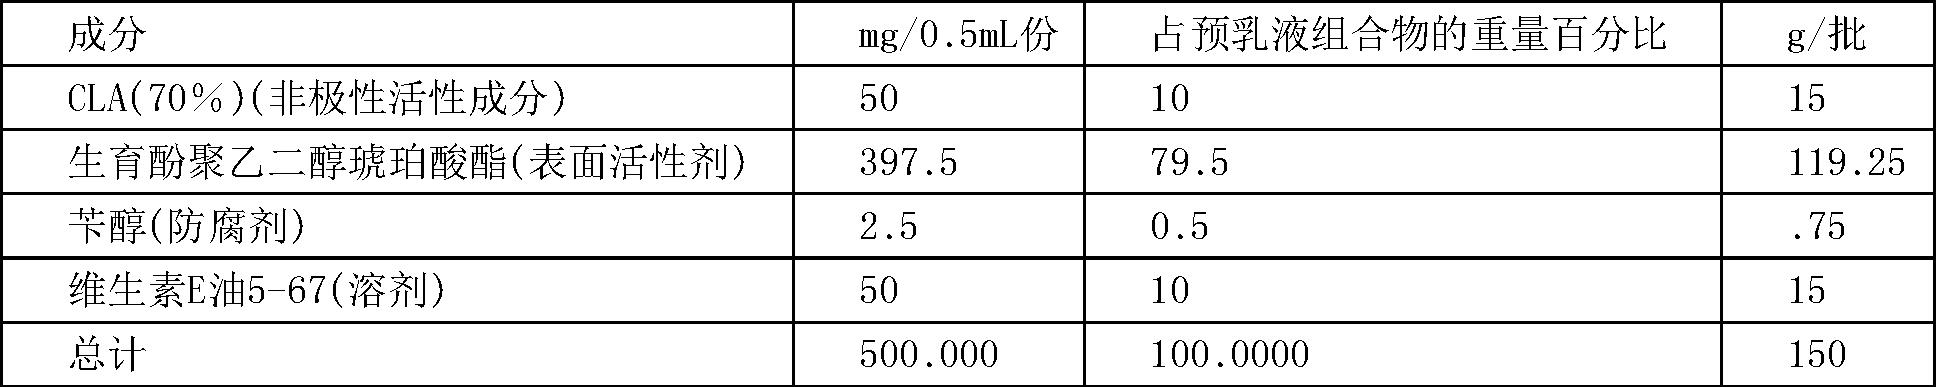 Figure CN102036661BD00891